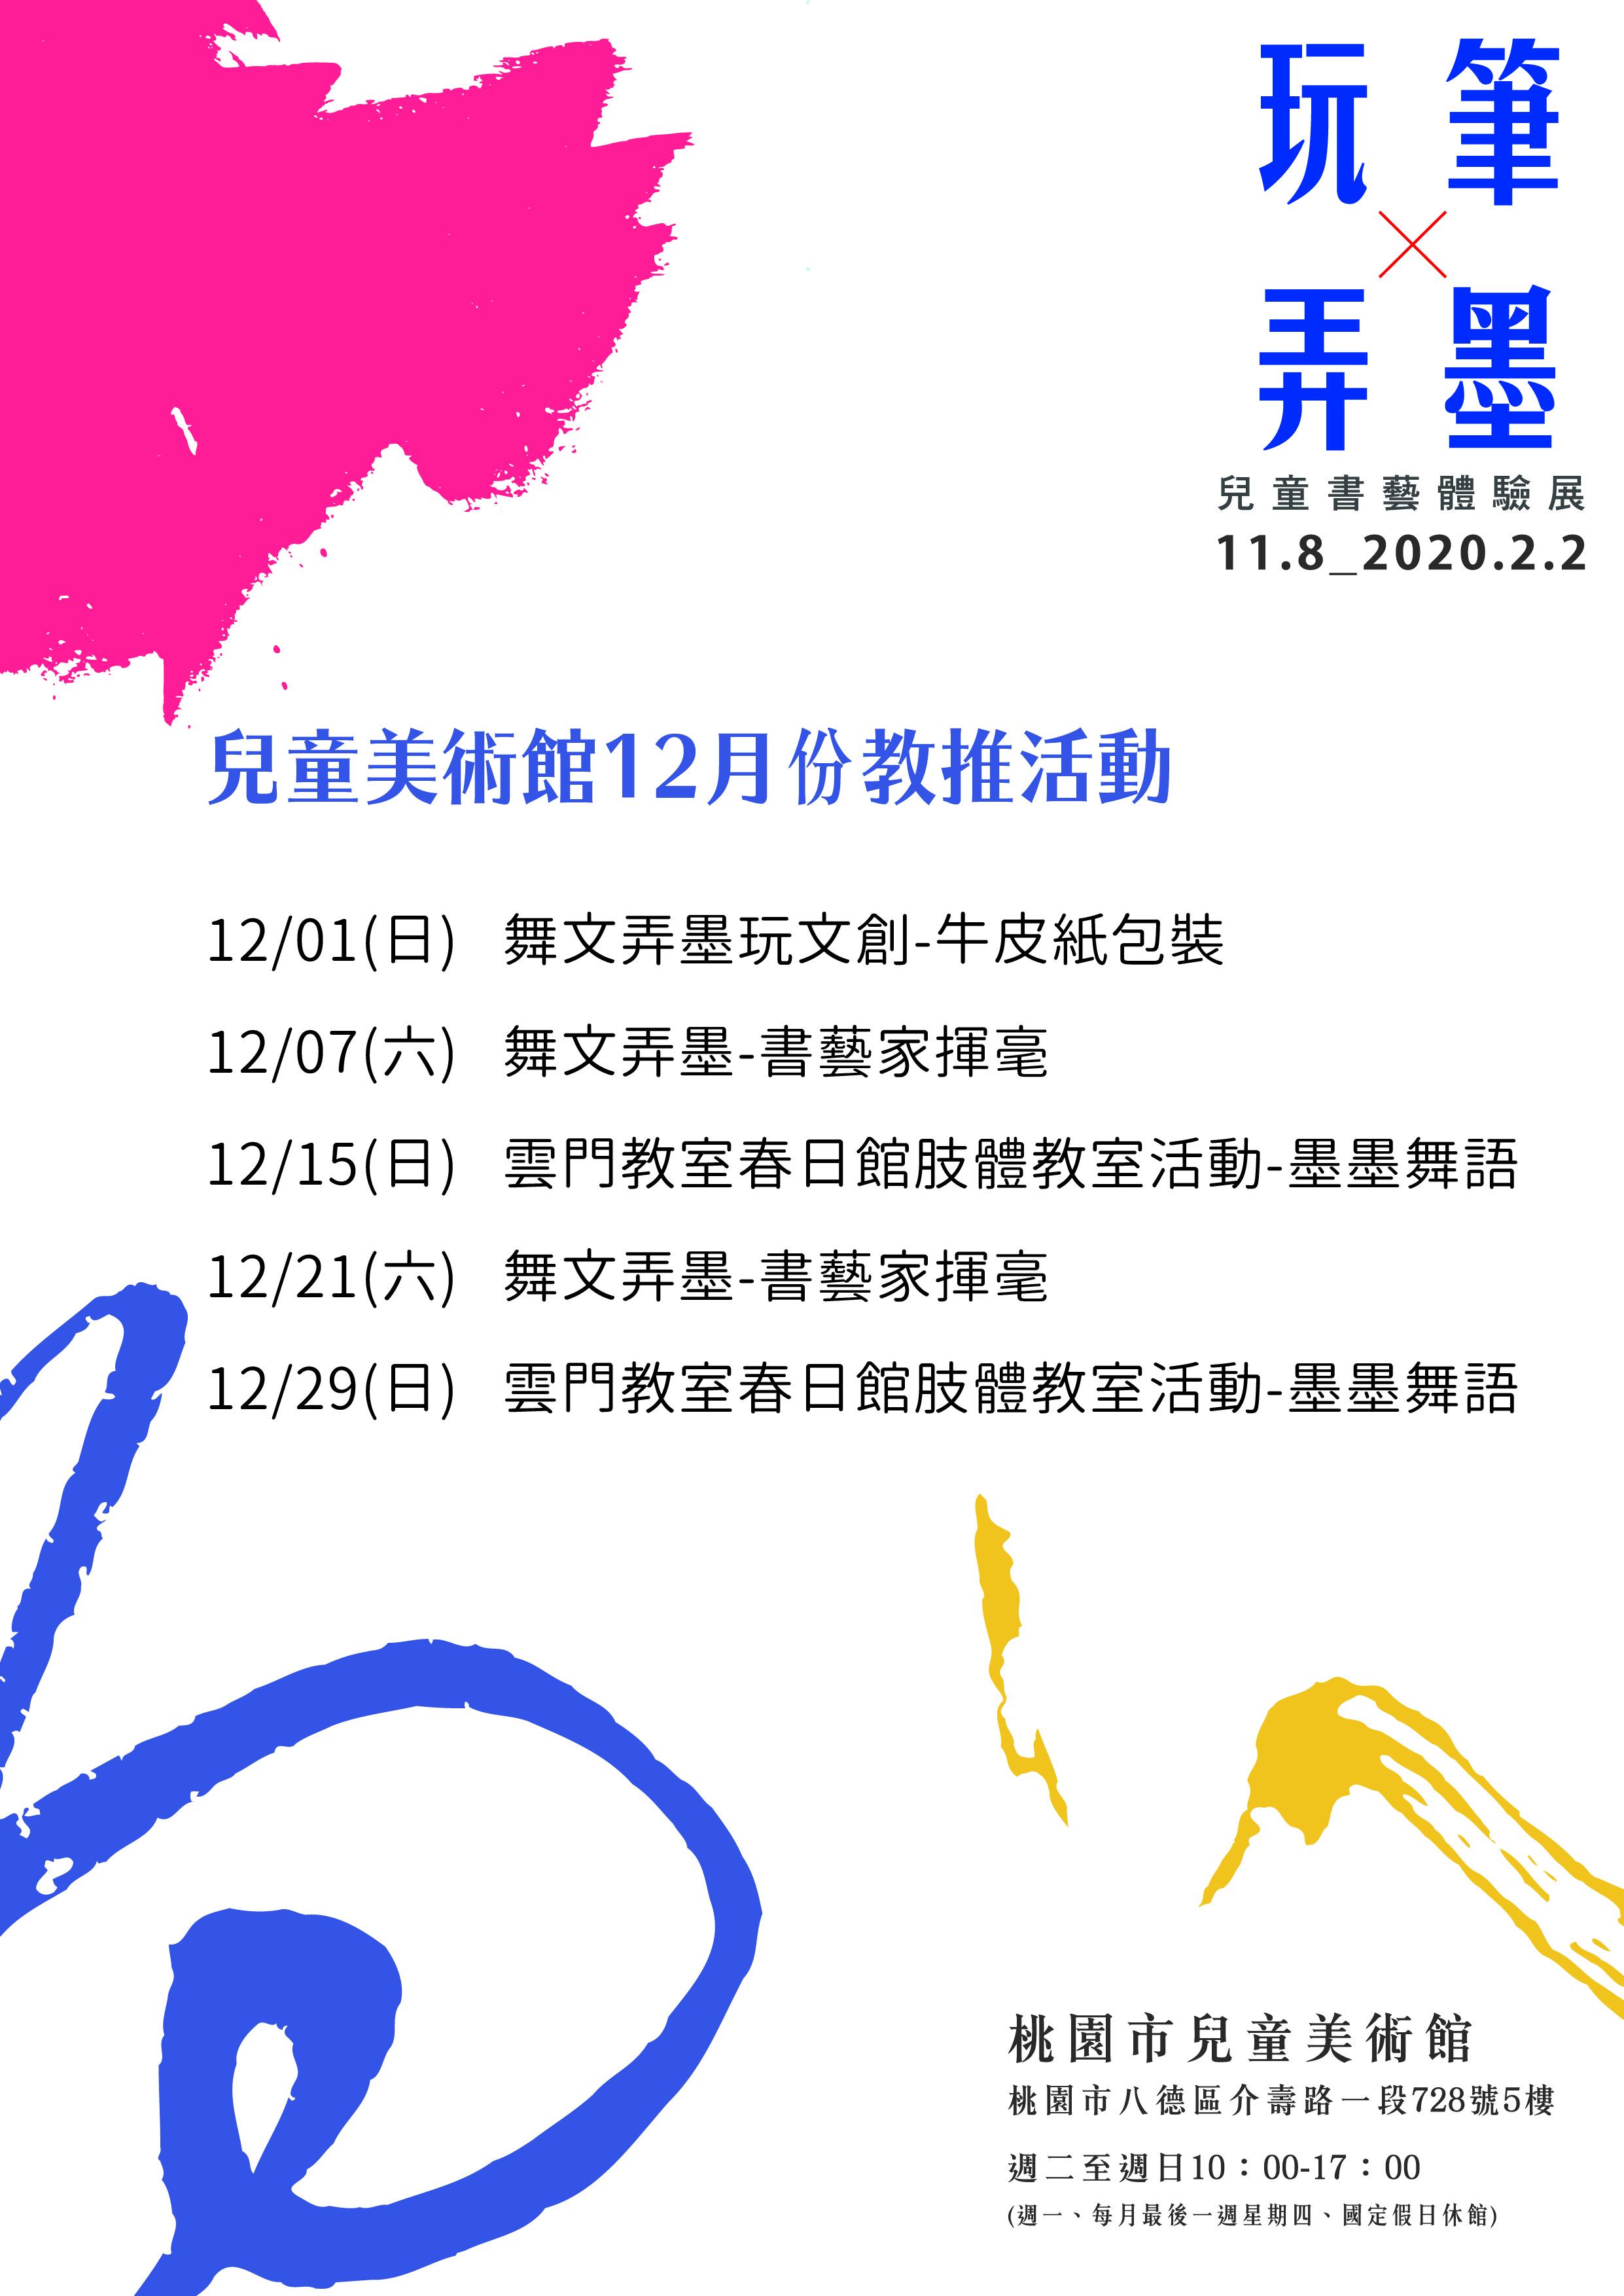 玩筆弄墨—兒童書藝體驗展12月份教推活動